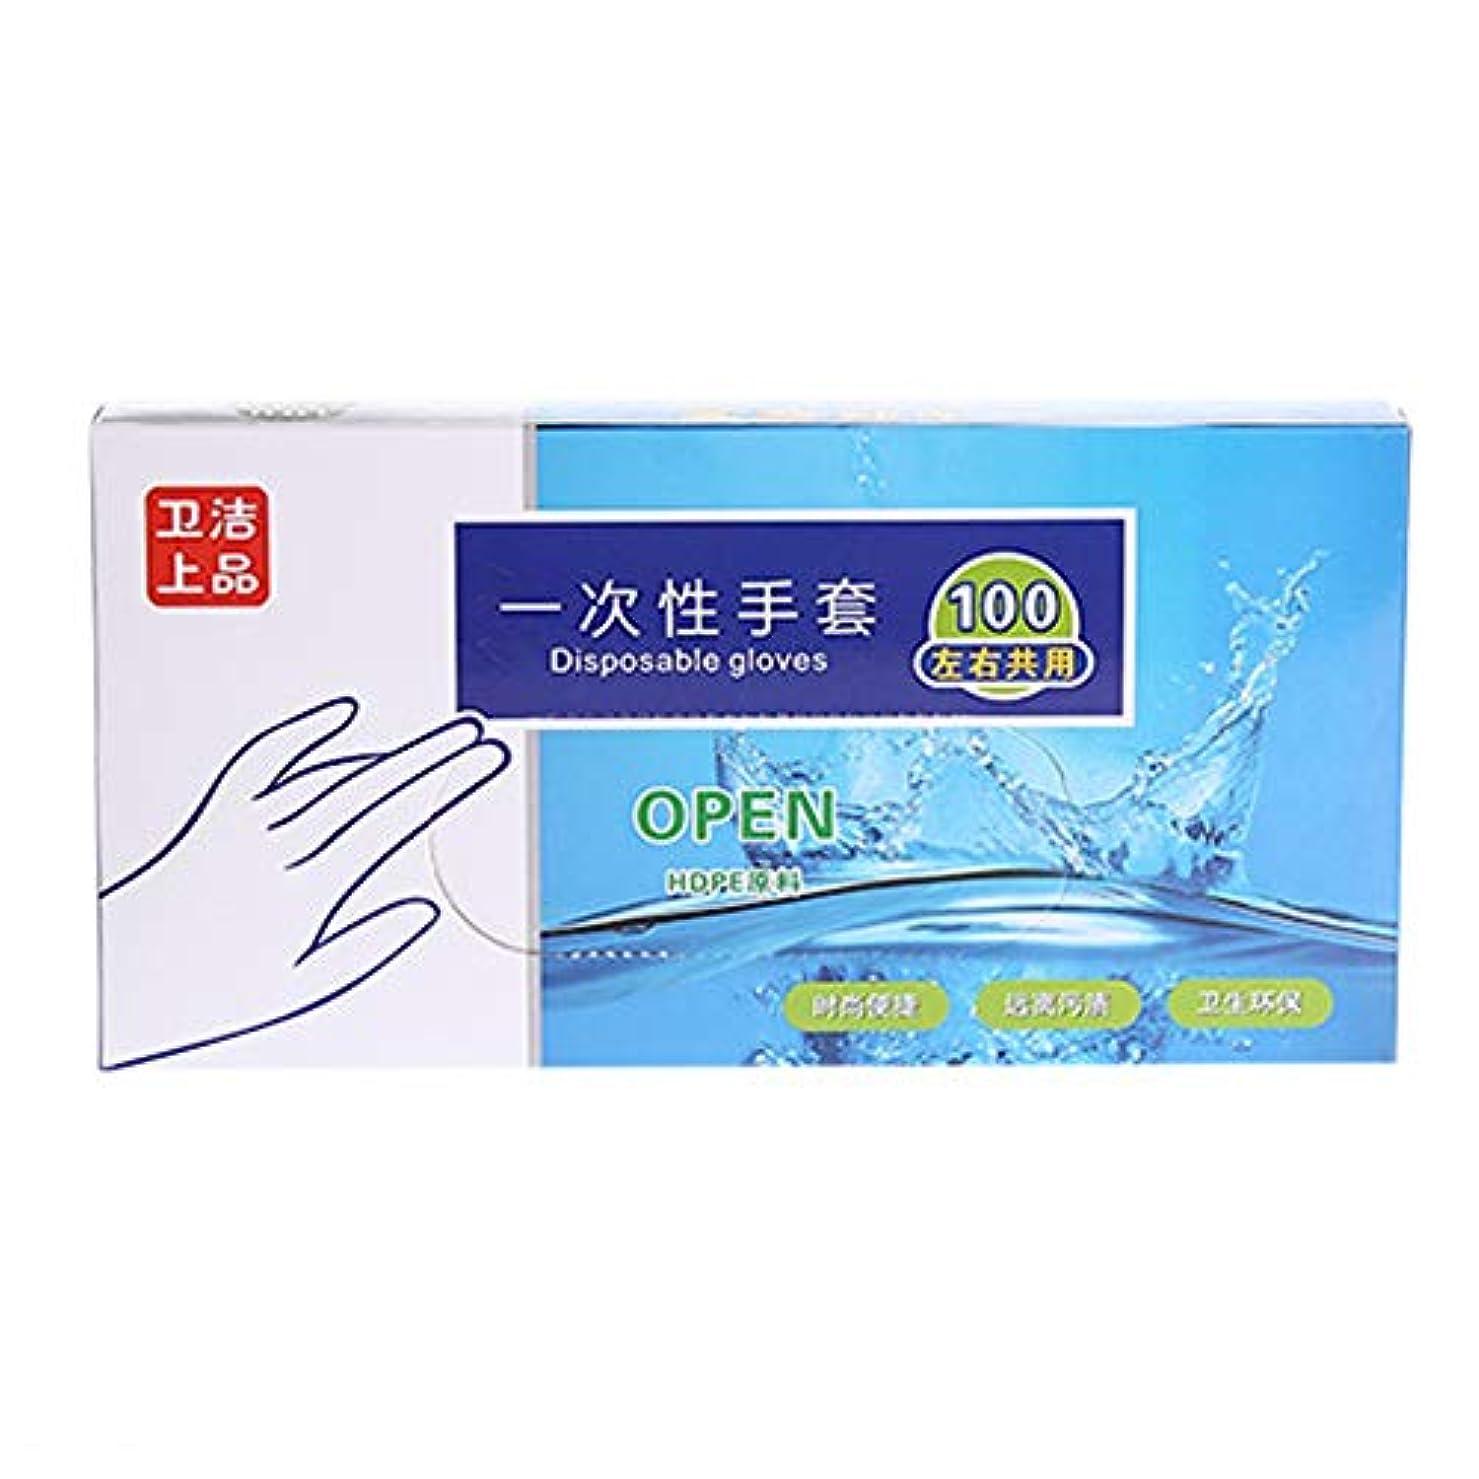 に対して物質鷹使い捨て手袋 100枚 2パック 入フリーサイズ グローブ ポリエチレン手袋 左右兼用 ポリエチレン PE 実用 衛生 調理 清掃 染髪